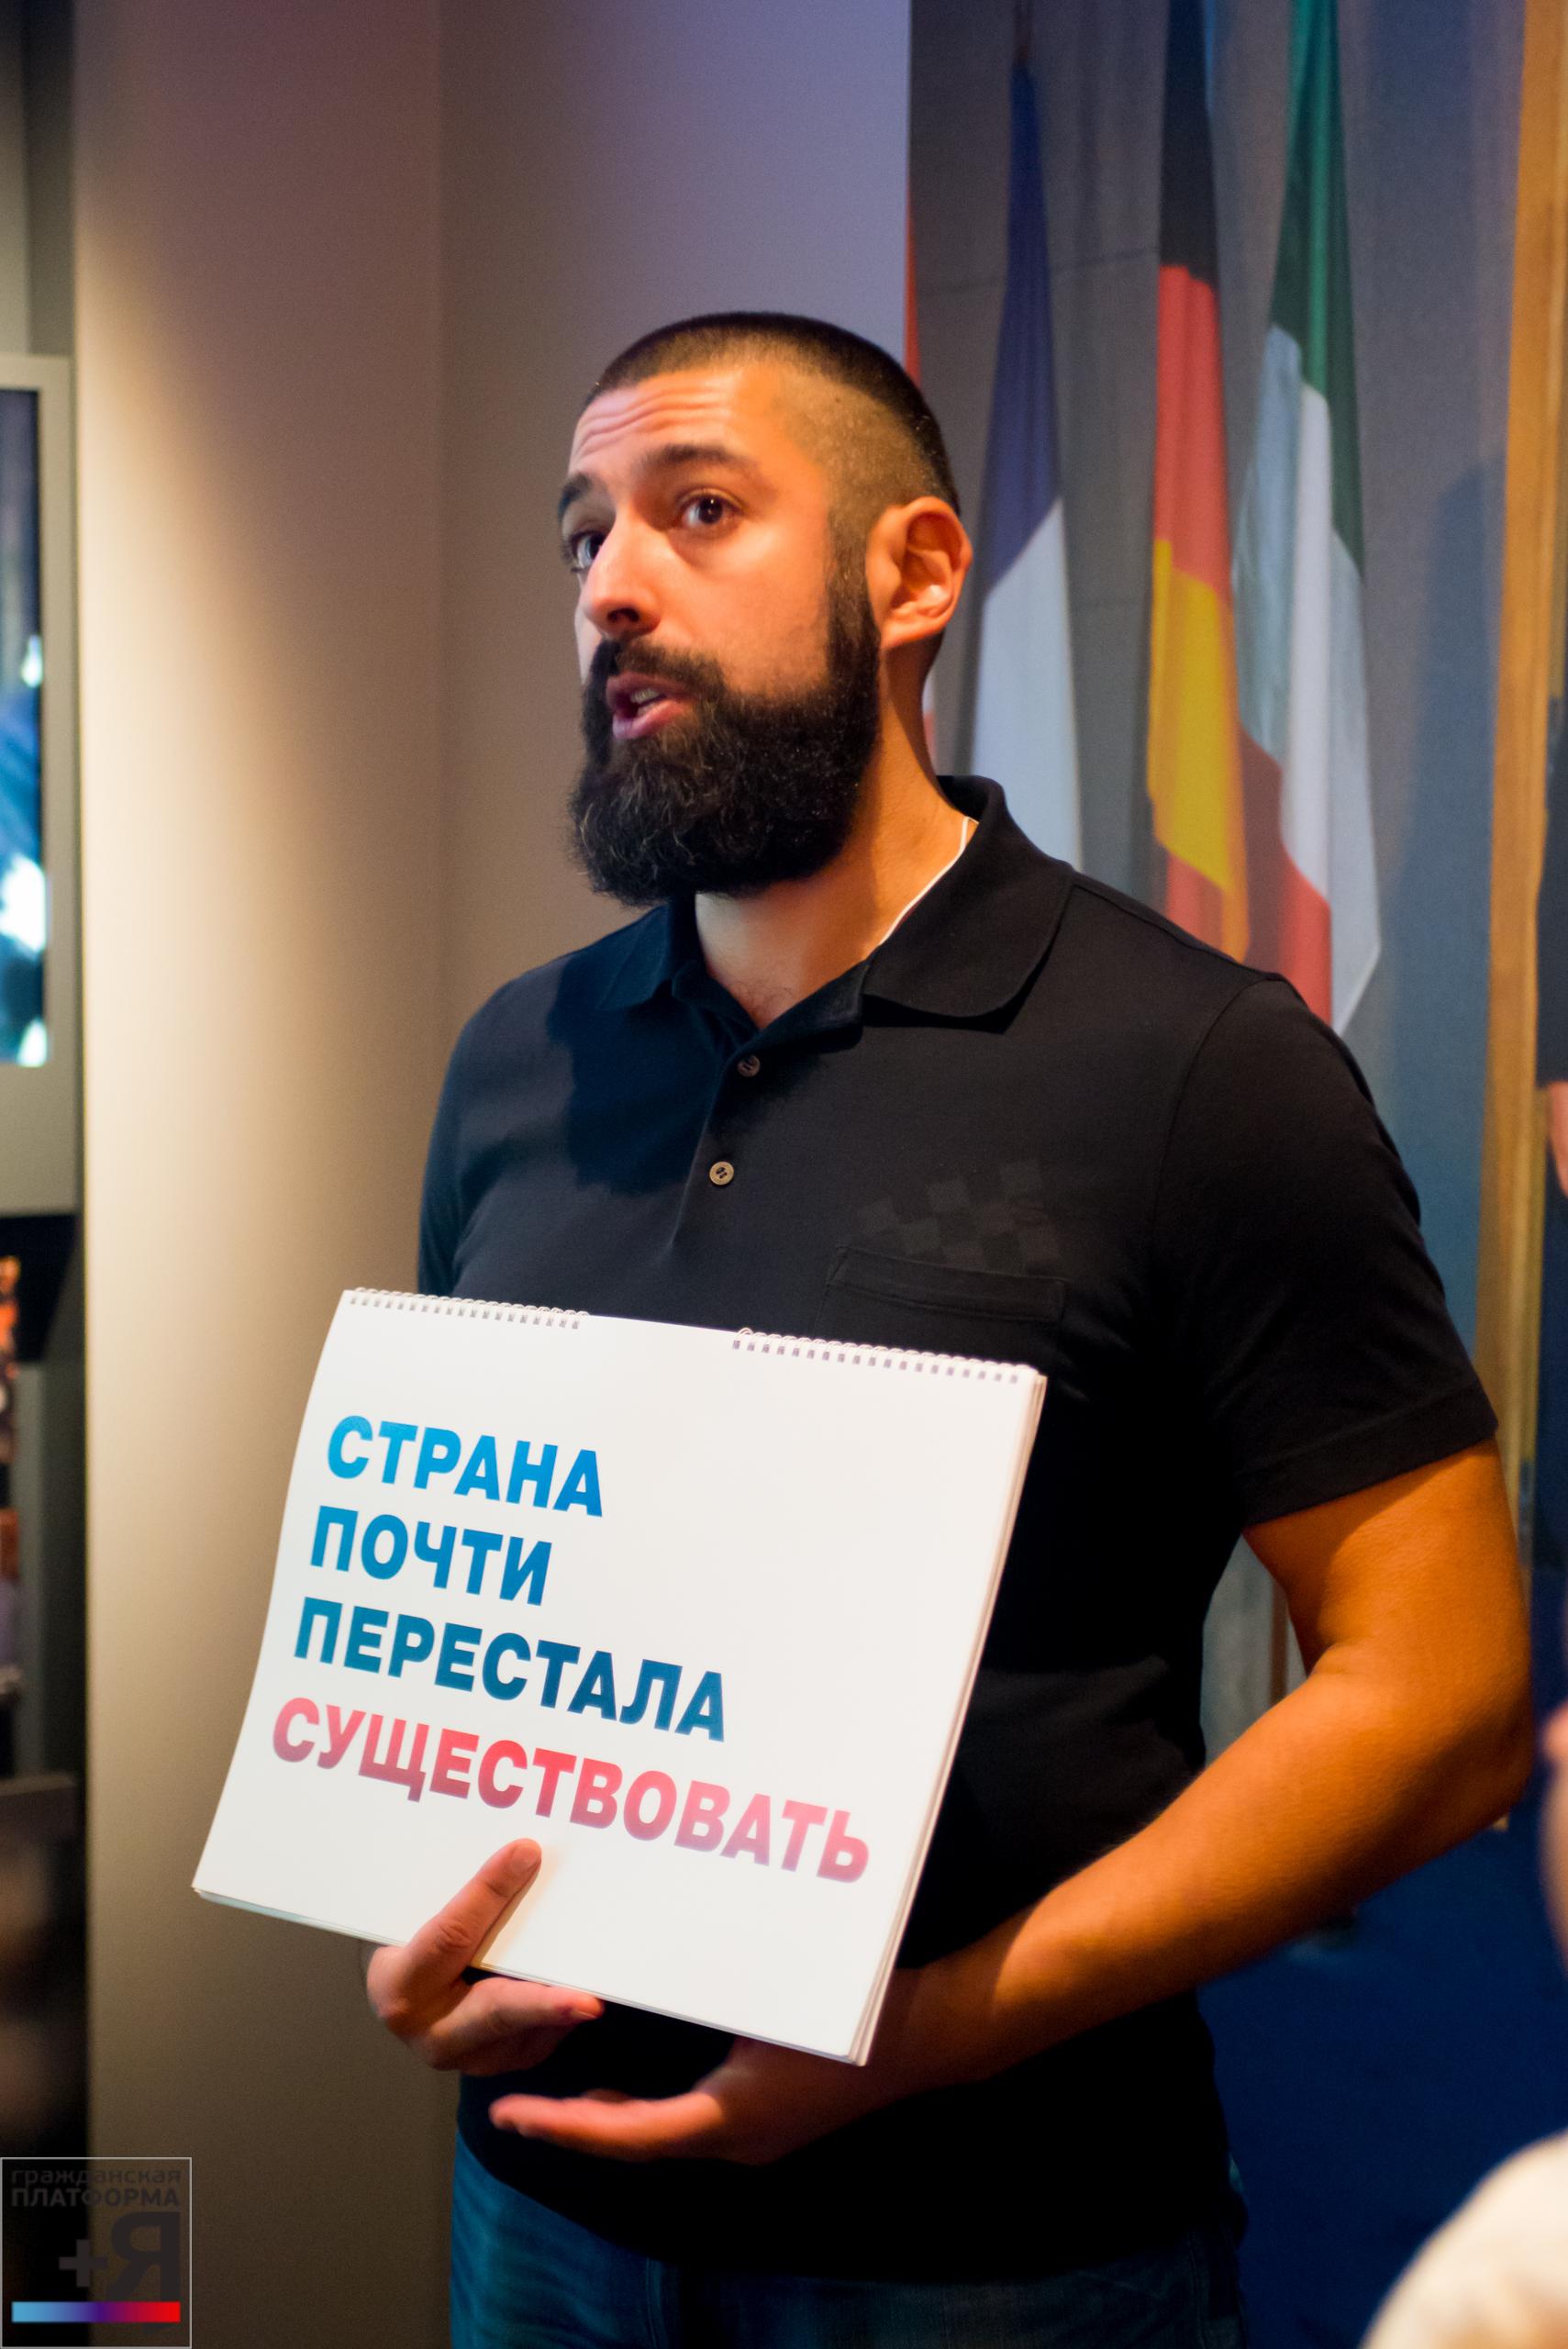 Альтернативная экскурсия по Ельцин-Центру.